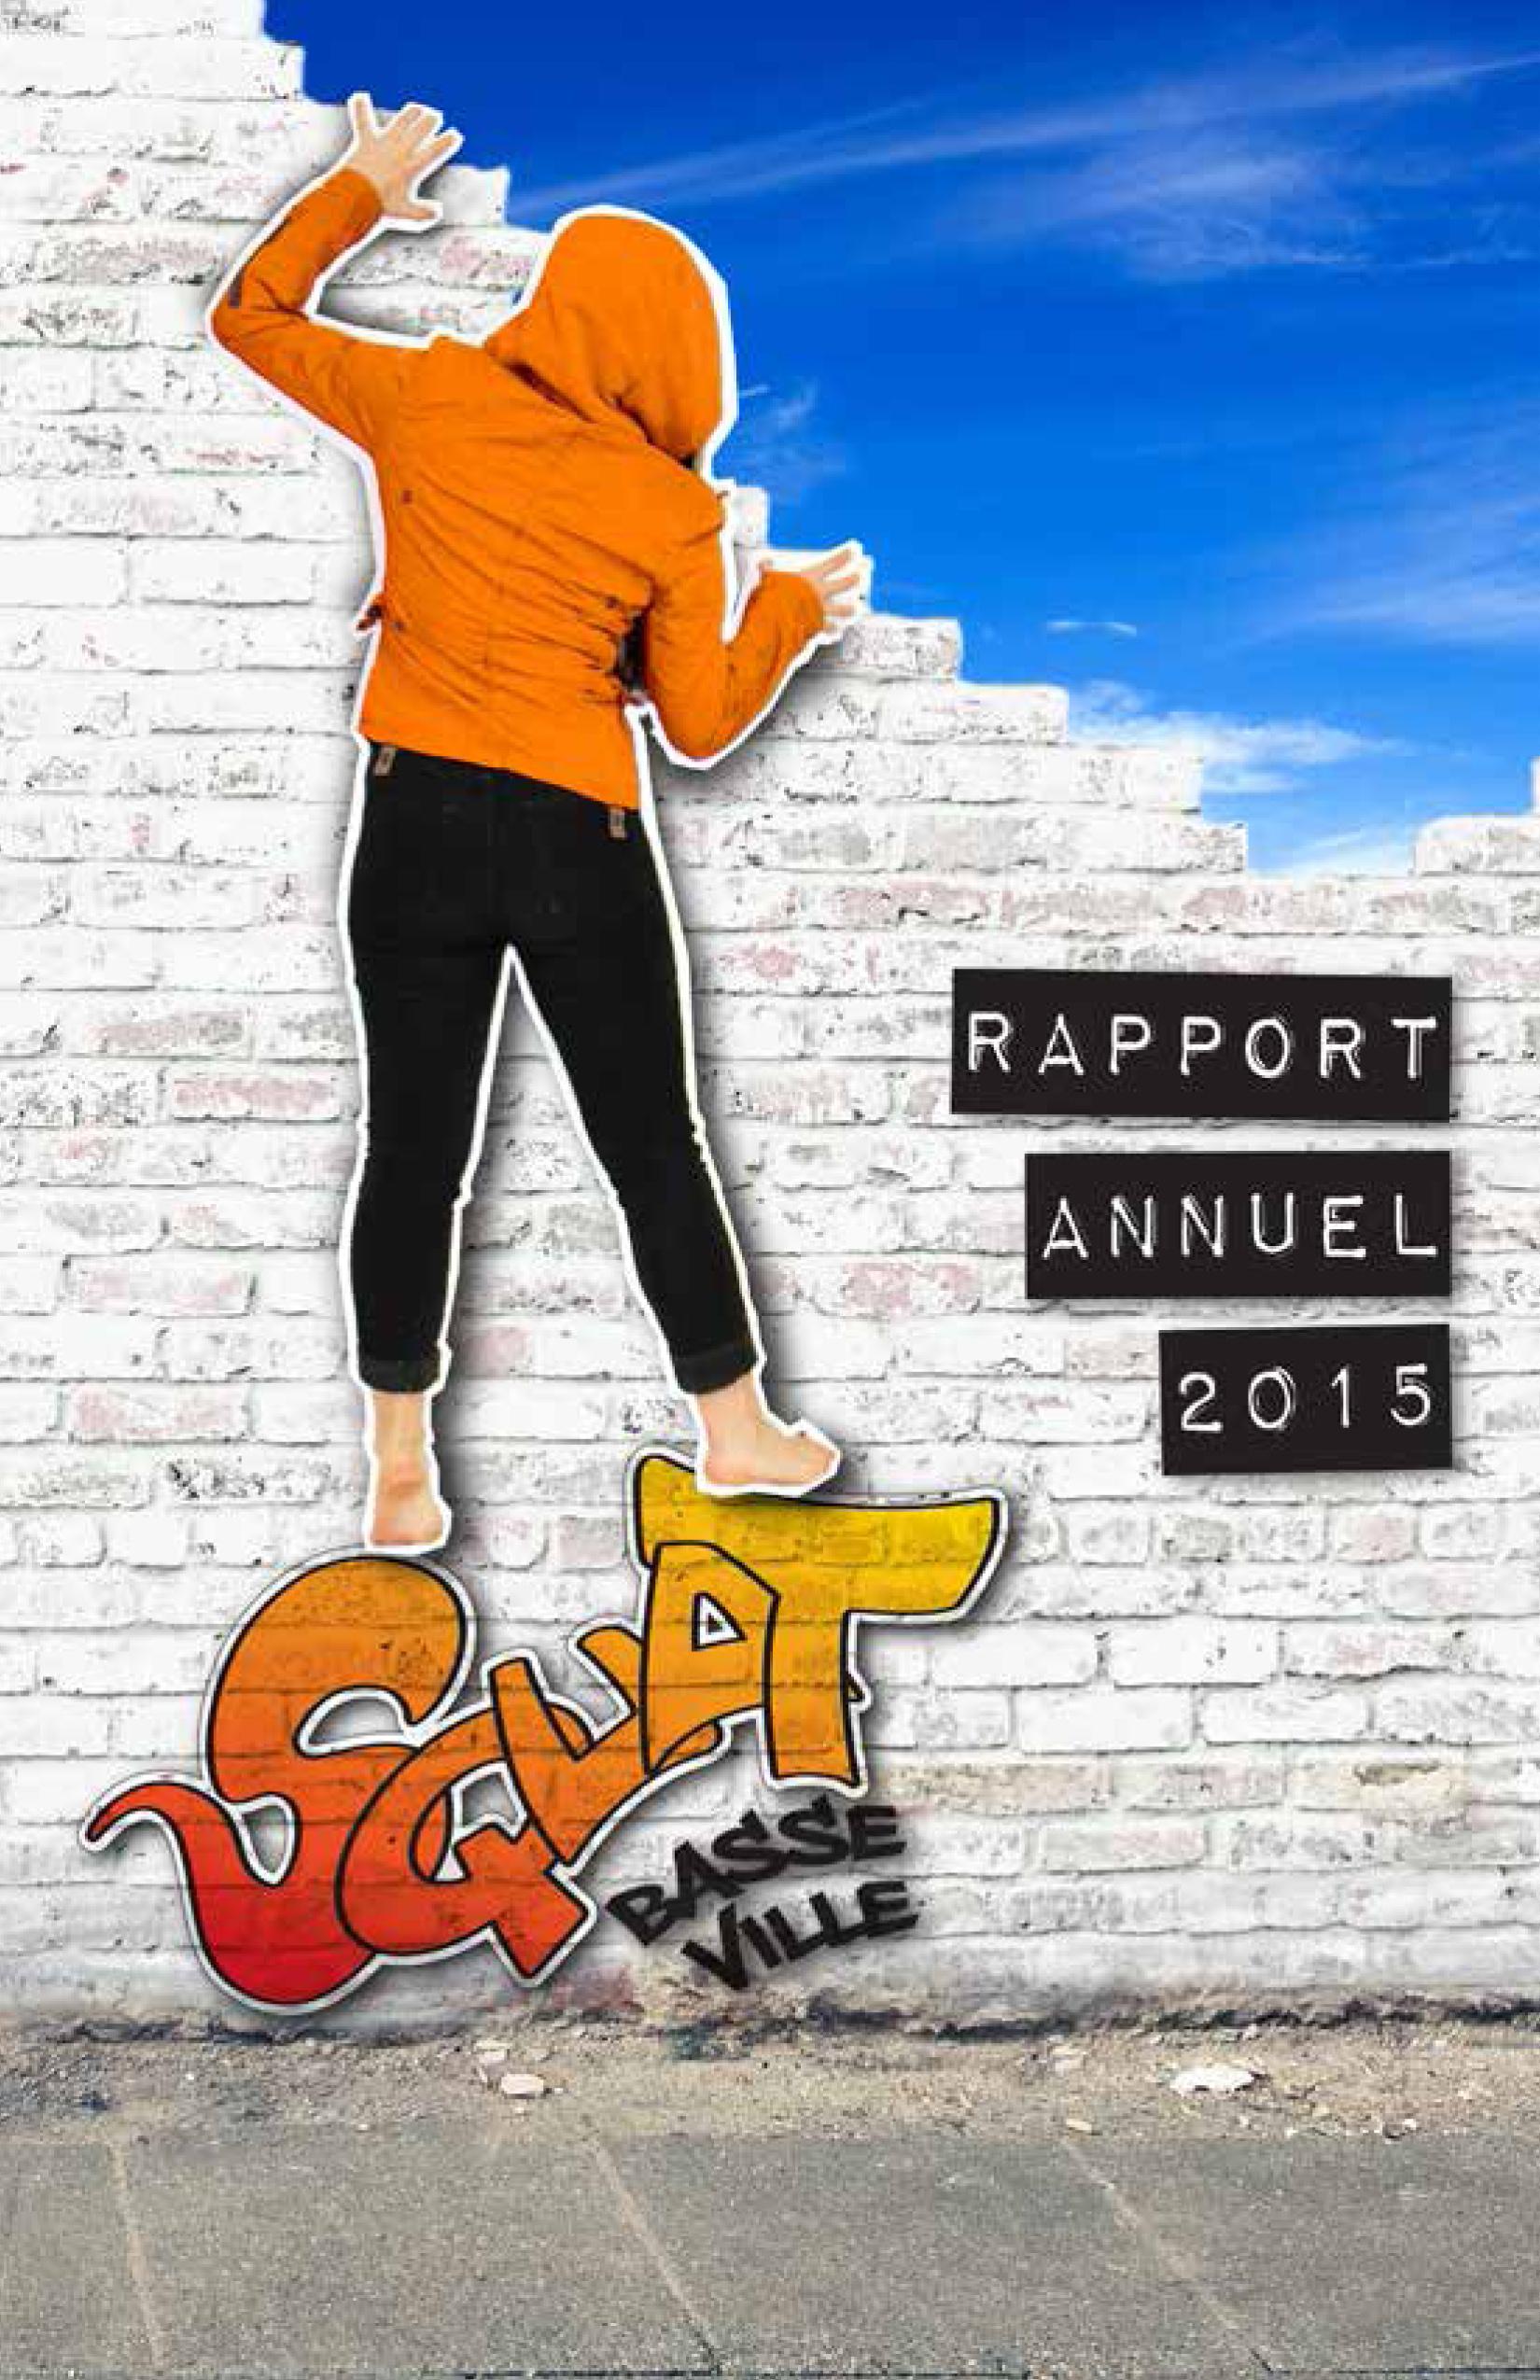 Rapportannuel2015